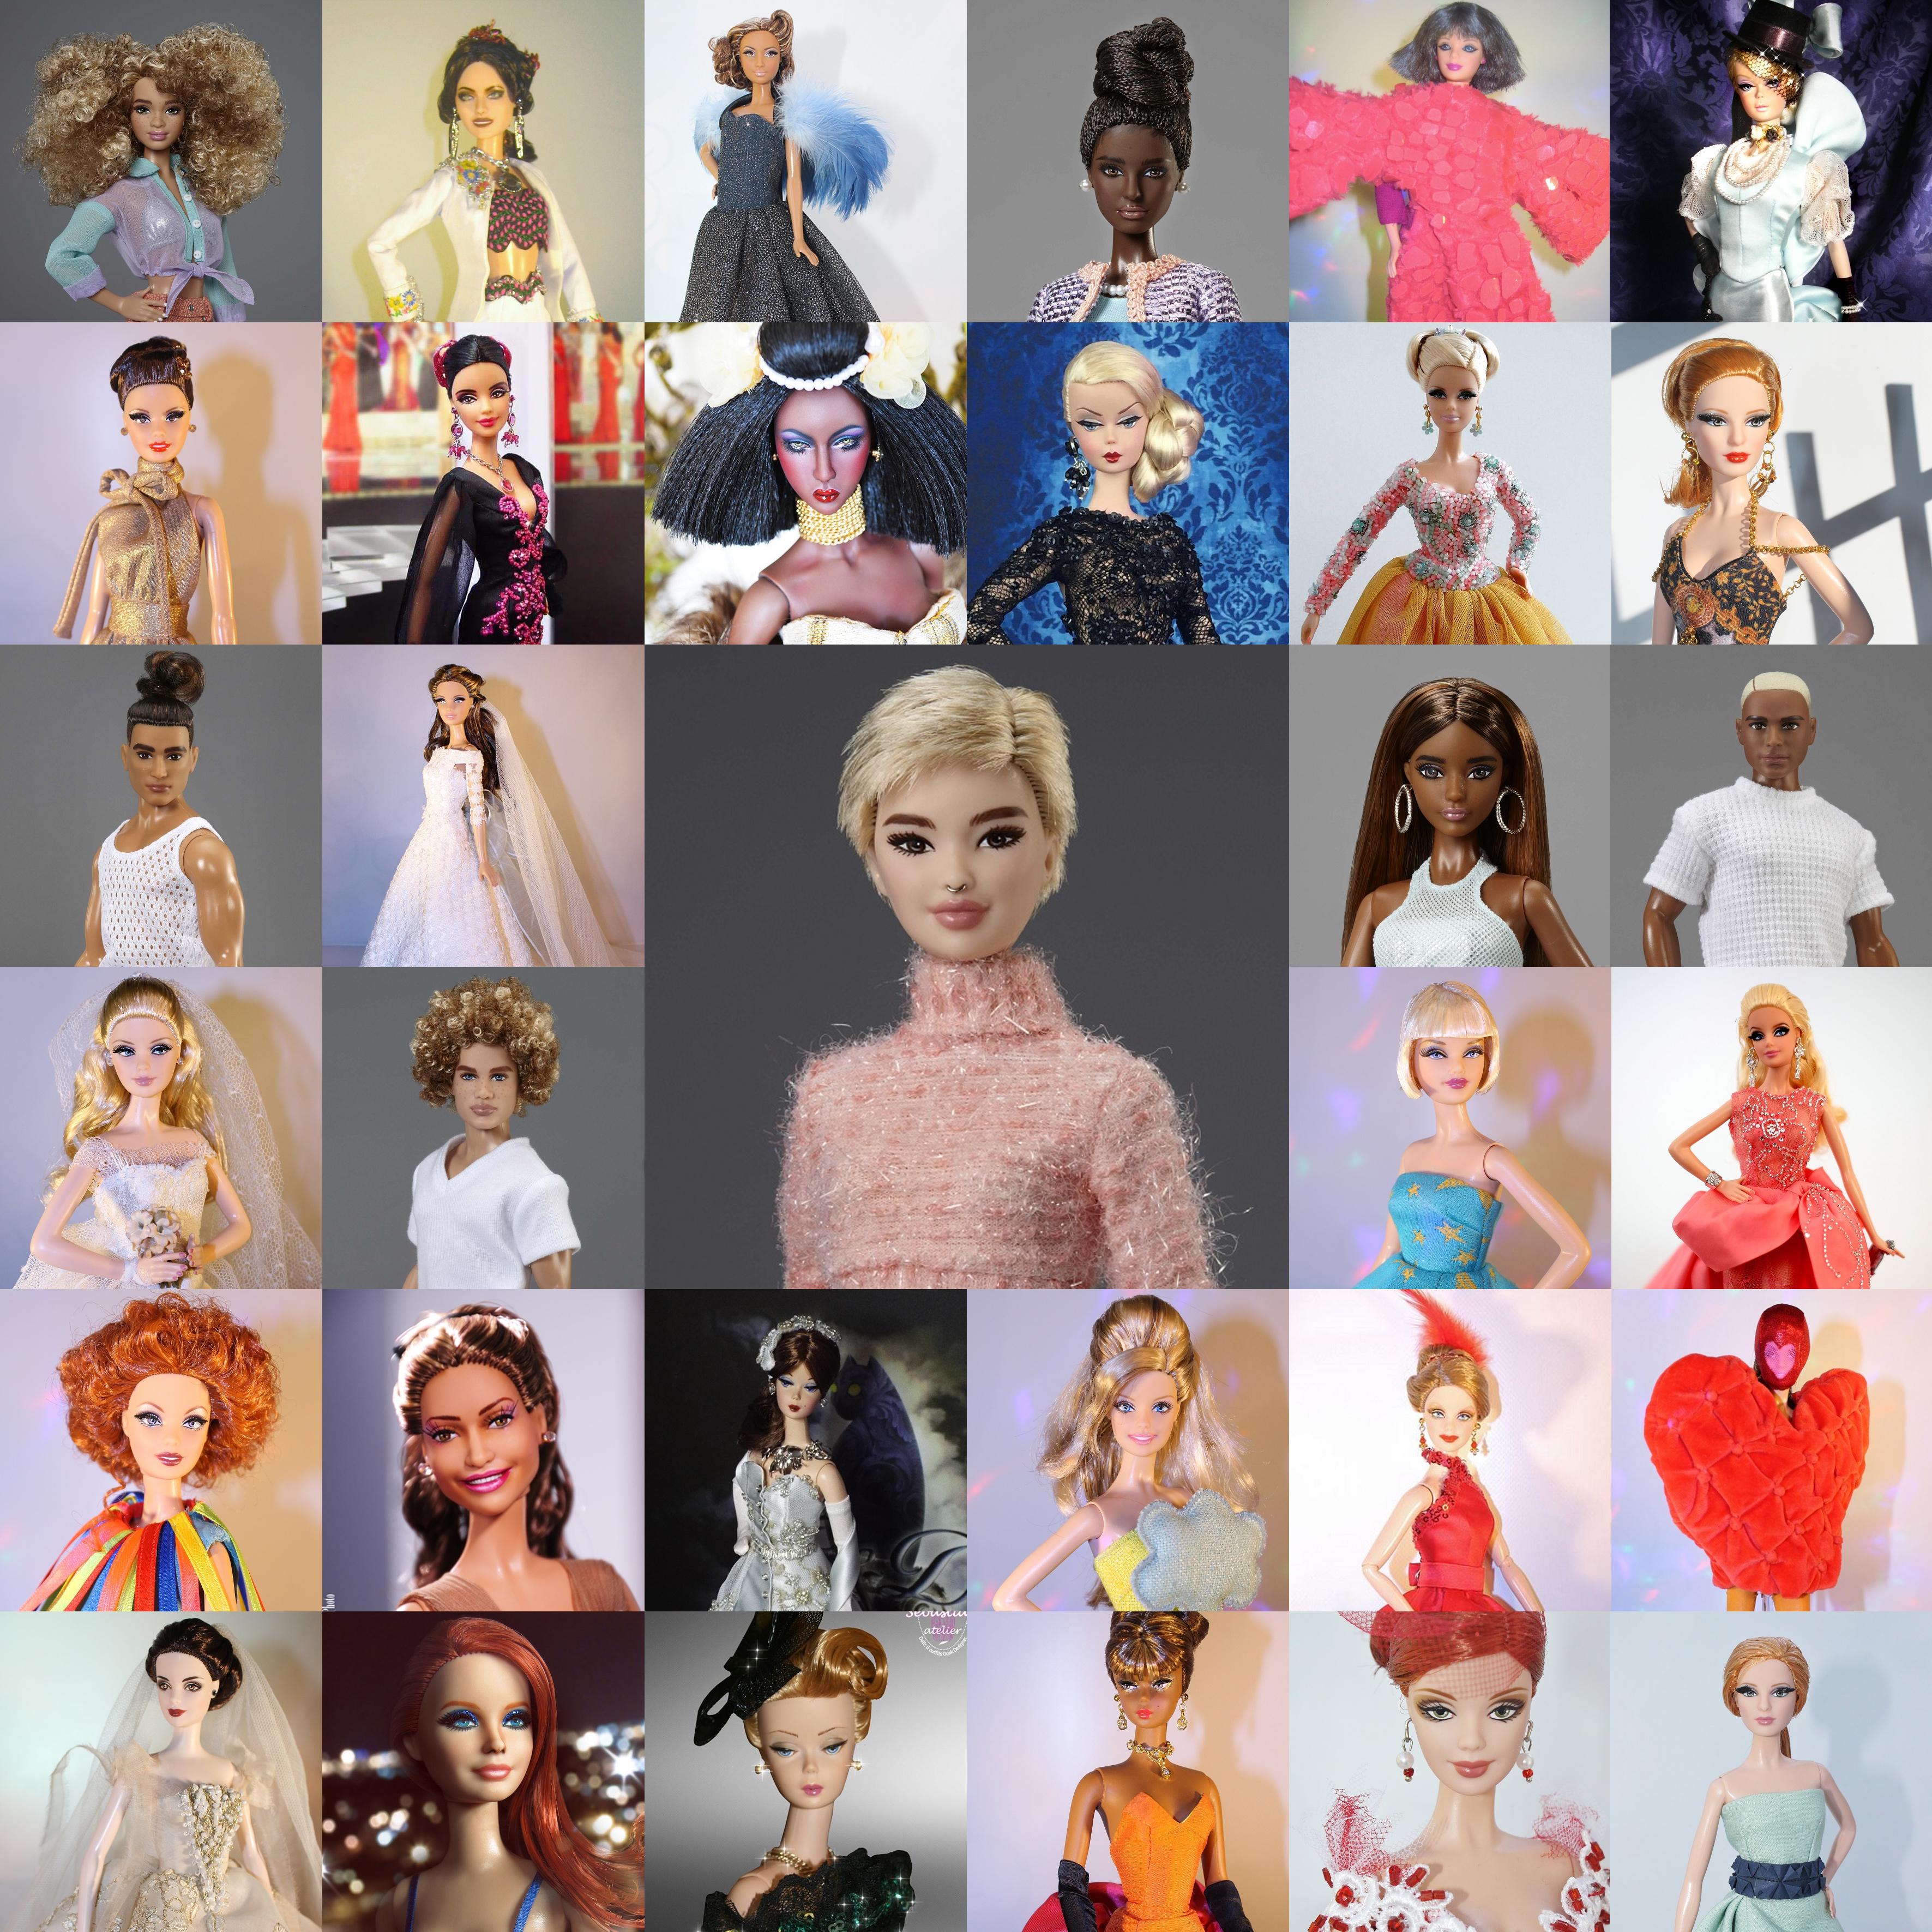 Madrid Fashion Doll Show Charity Ebay Auction Dutch Fashion Doll World